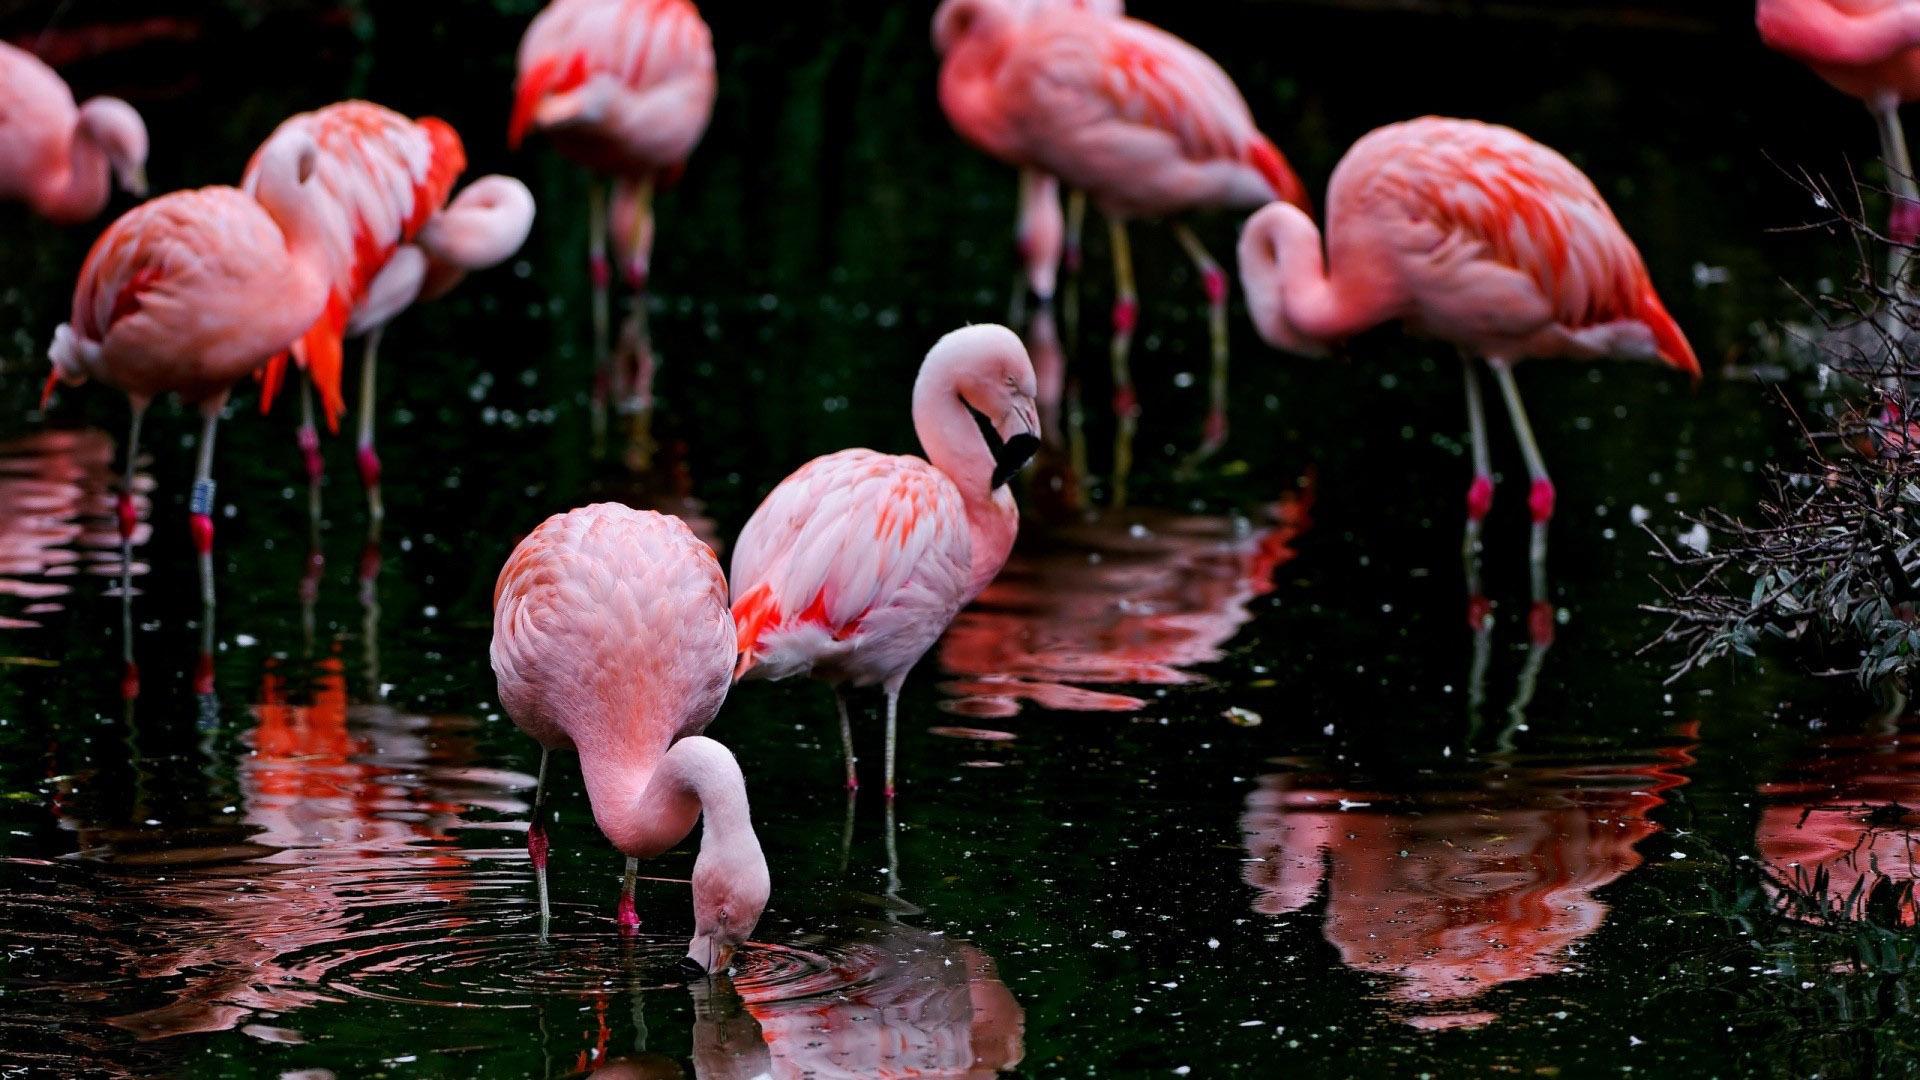 Flamingo HD Wallpaper